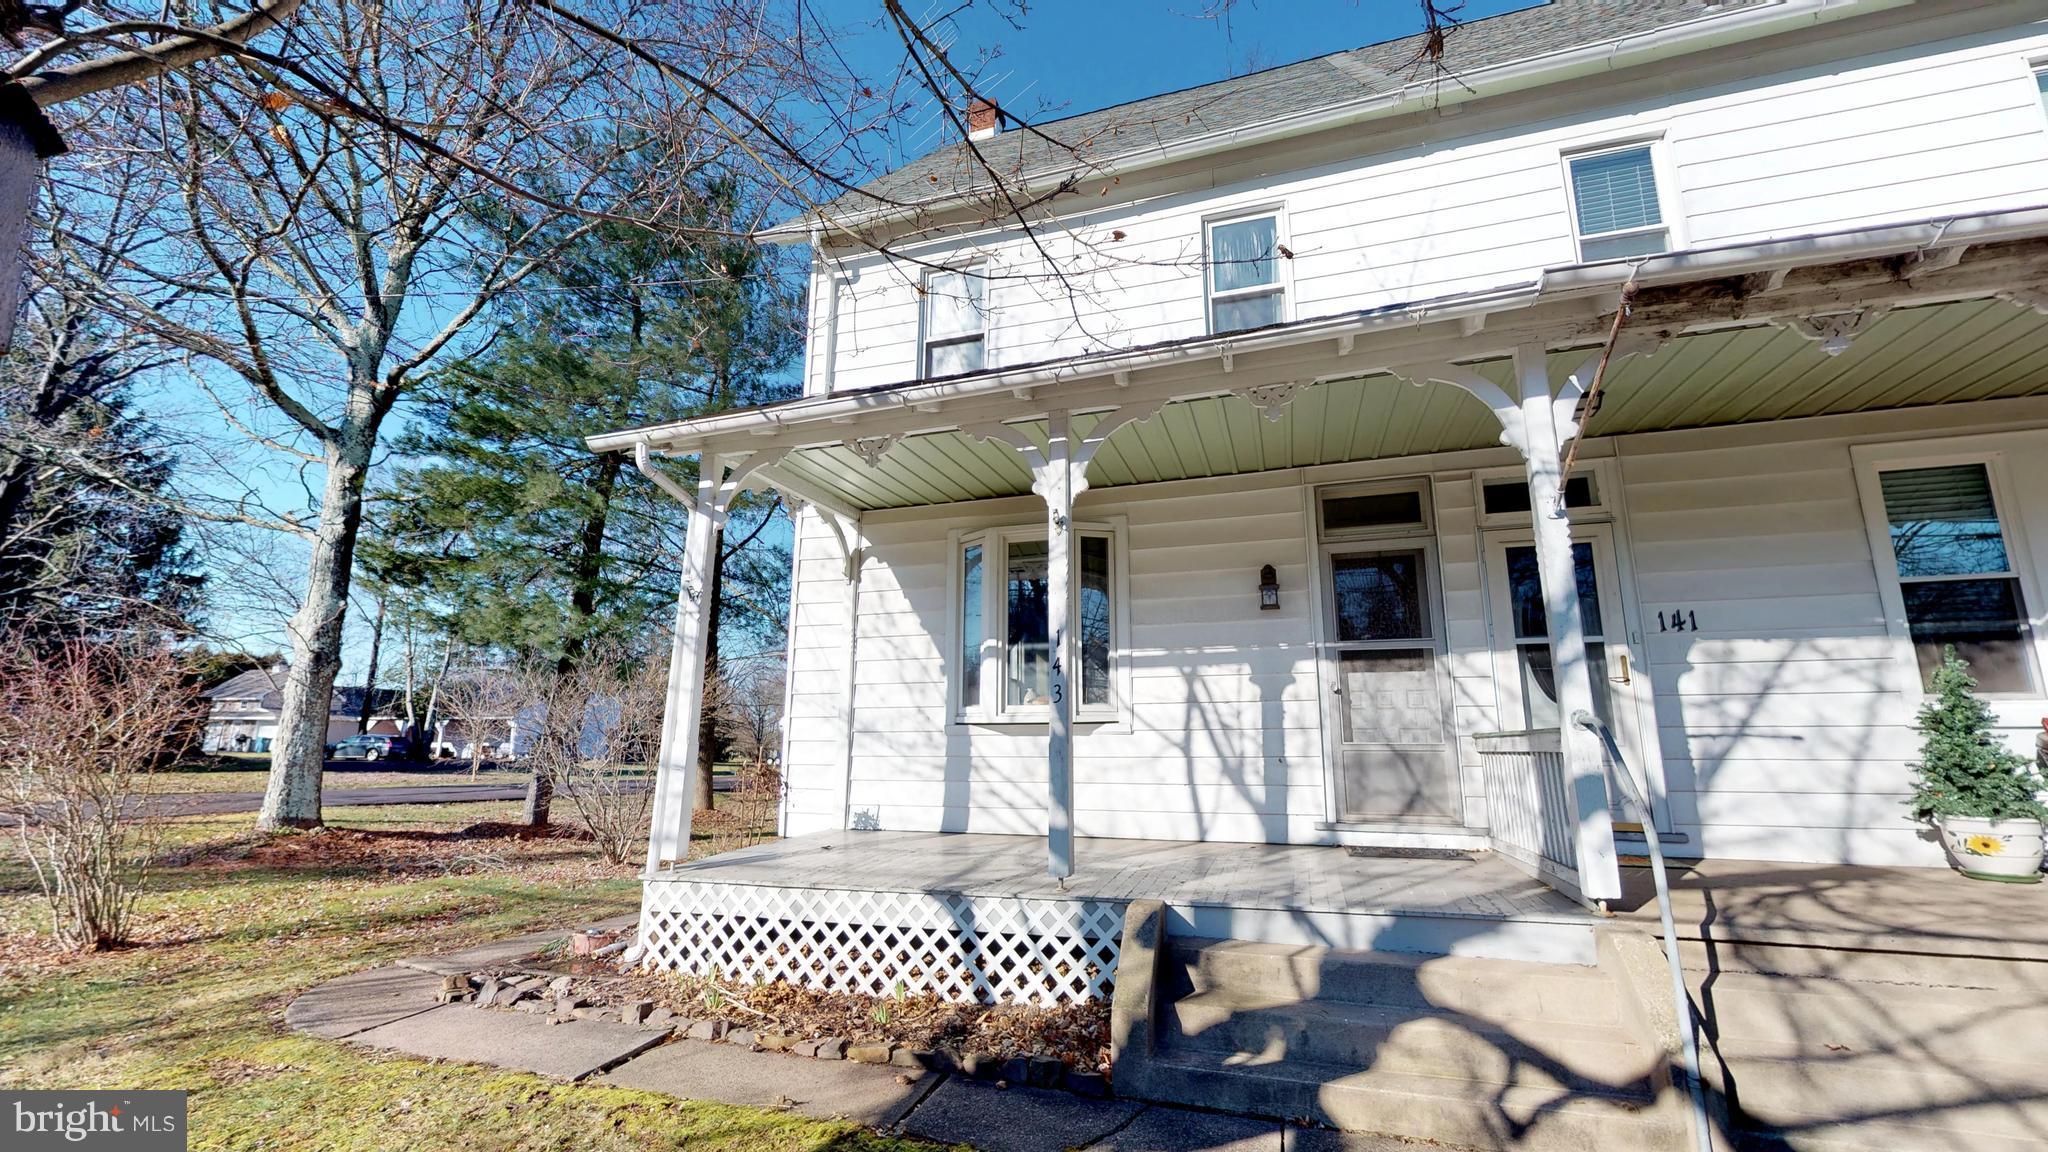 143 W MAIN STREET, SILVERDALE, PA 18962